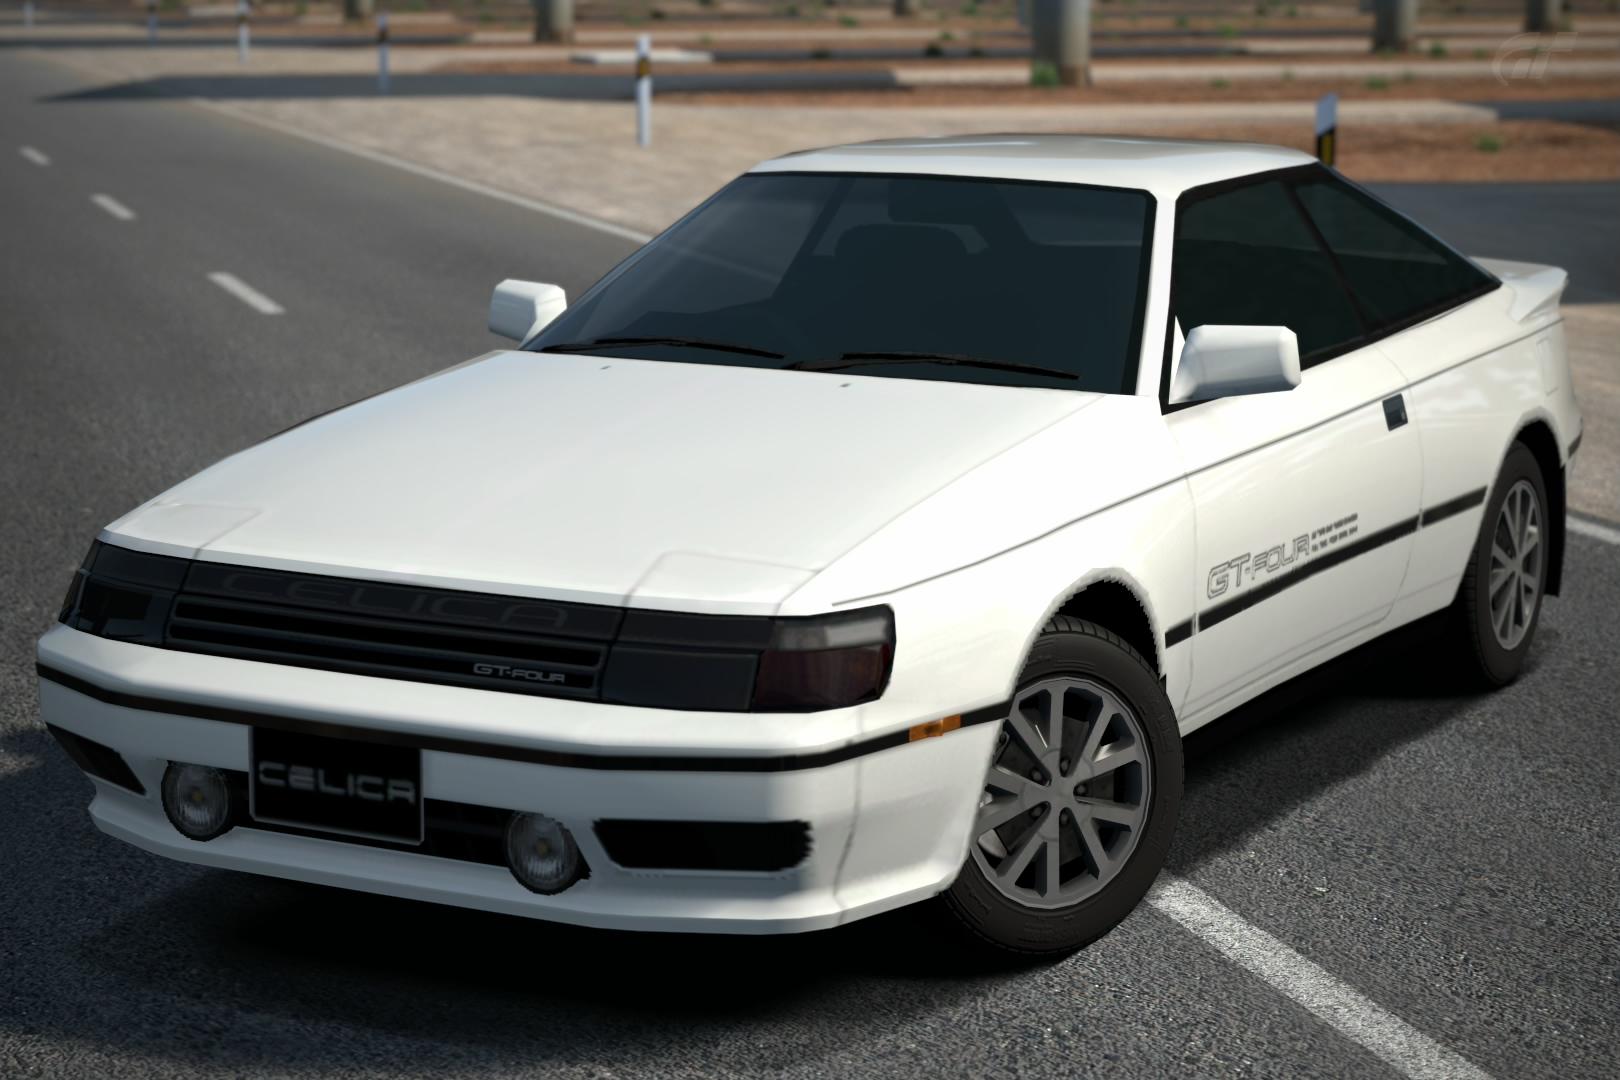 Kelebihan Toyota Celica 1986 Murah Berkualitas